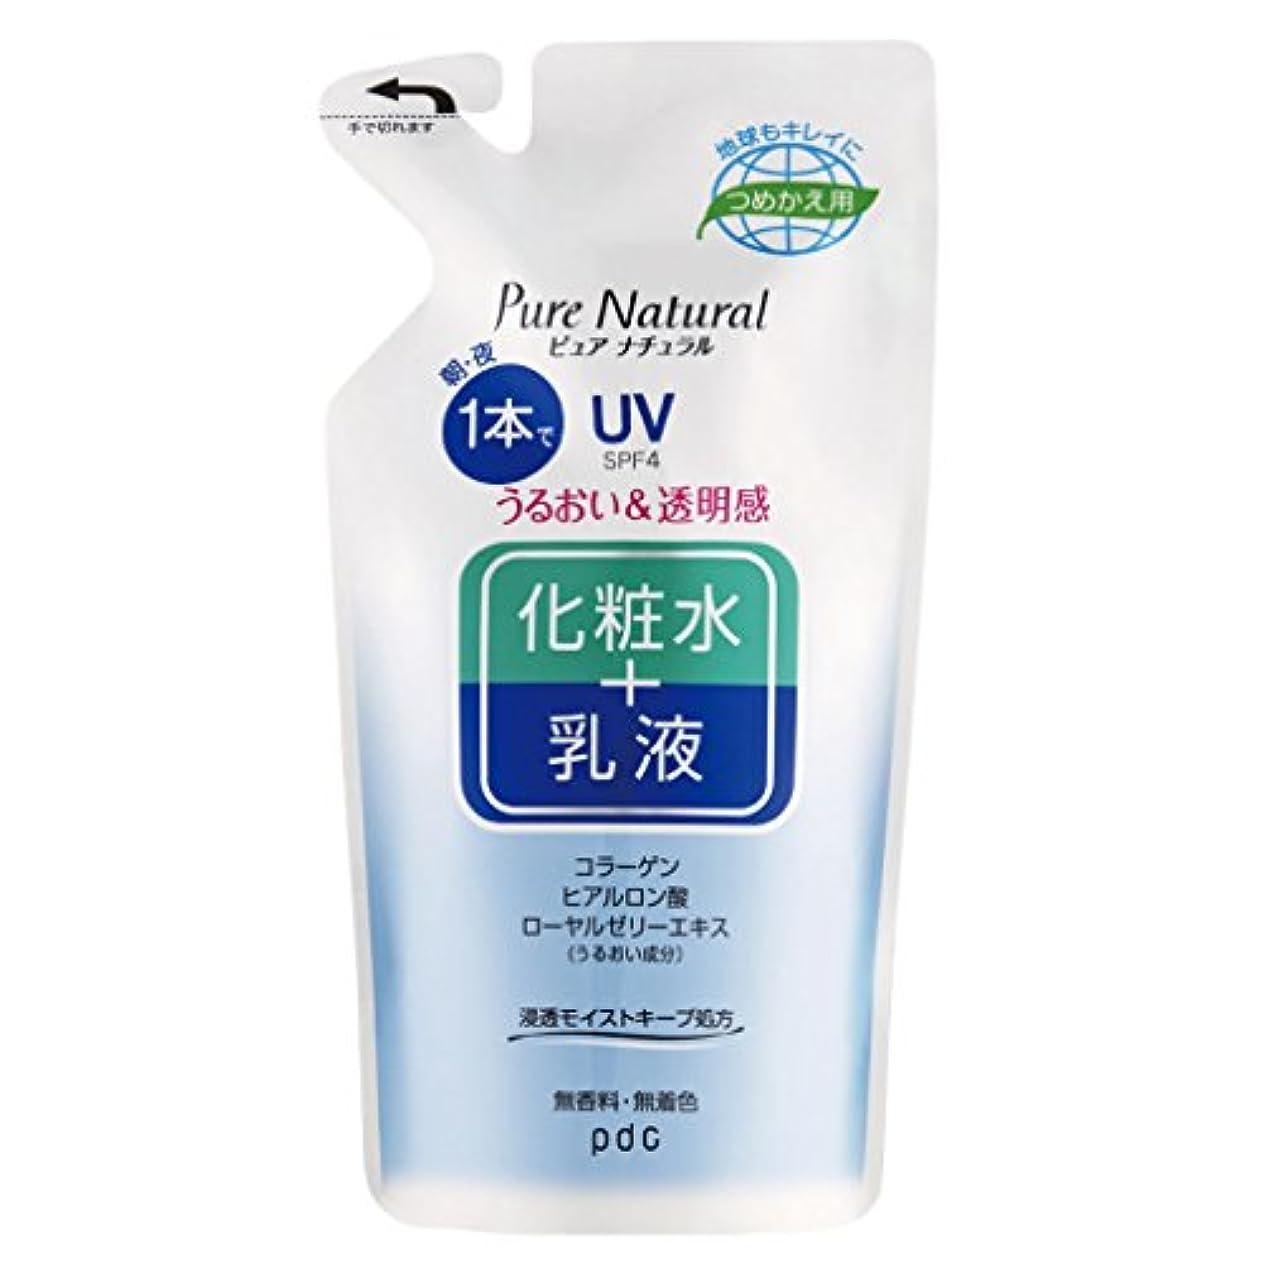 アシスタントベジタリアン好きであるPure NATURAL(ピュアナチュラル) エッセンスローション UV (つめかえ用) 200mL